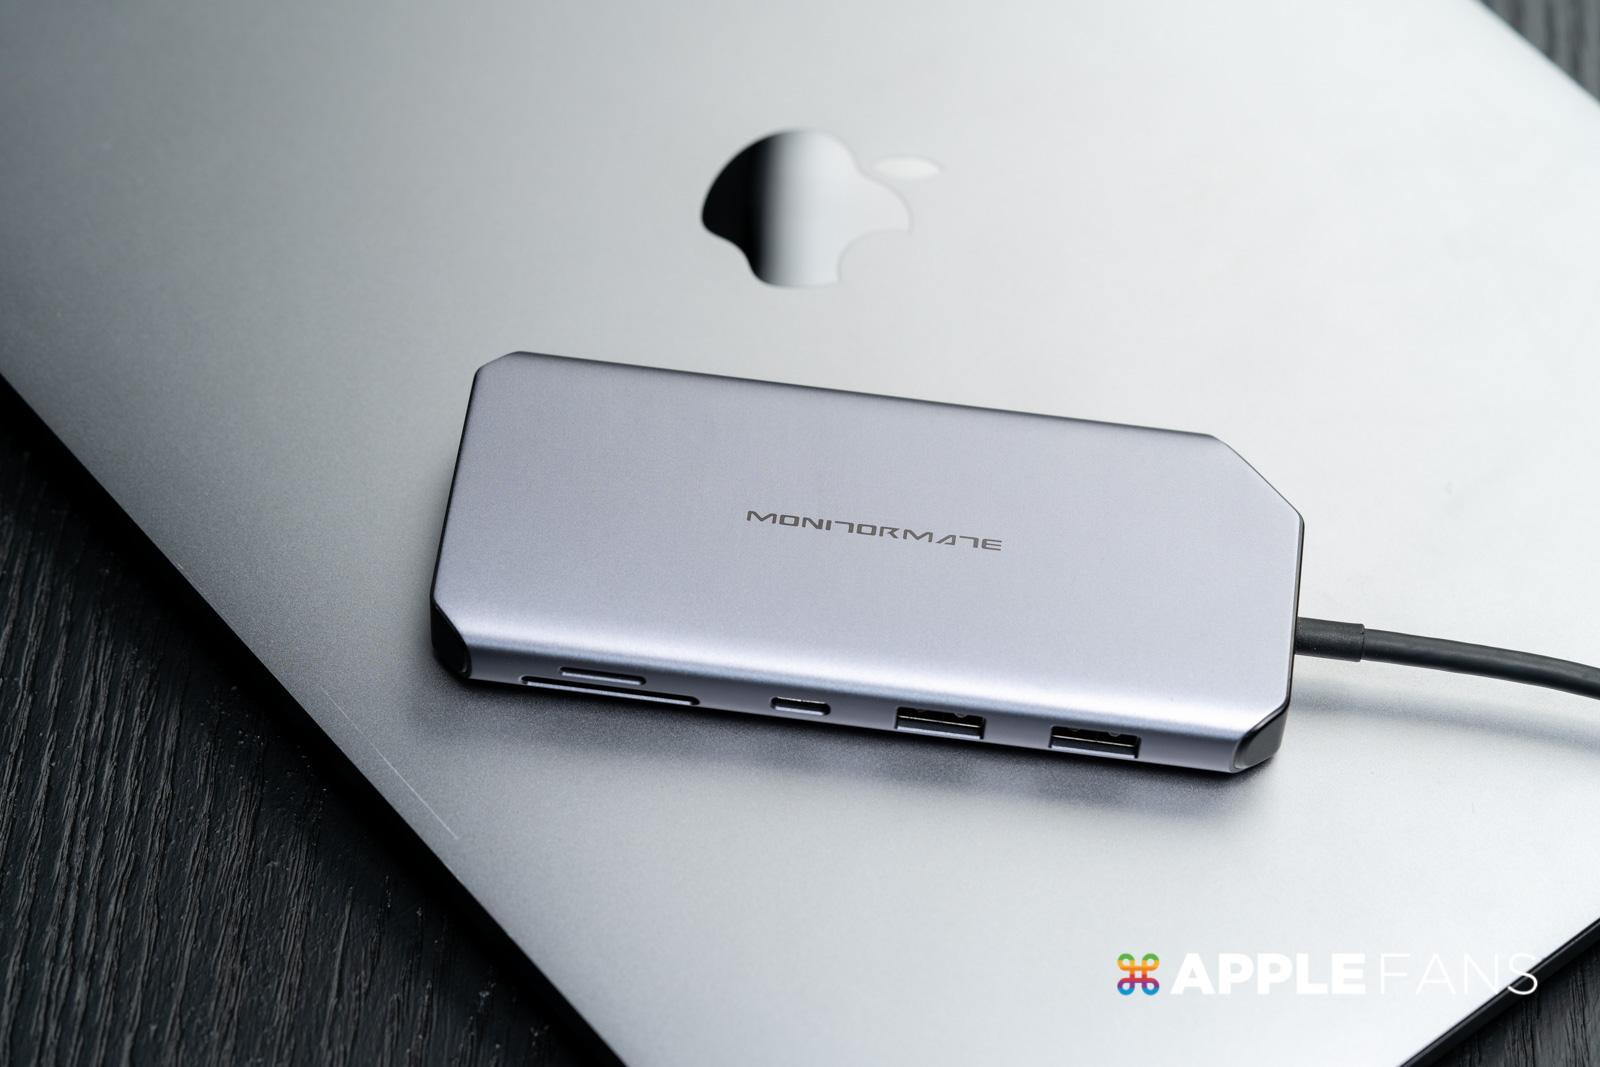 MONITORMATE CX2 Gen2 USB C Hub 推薦